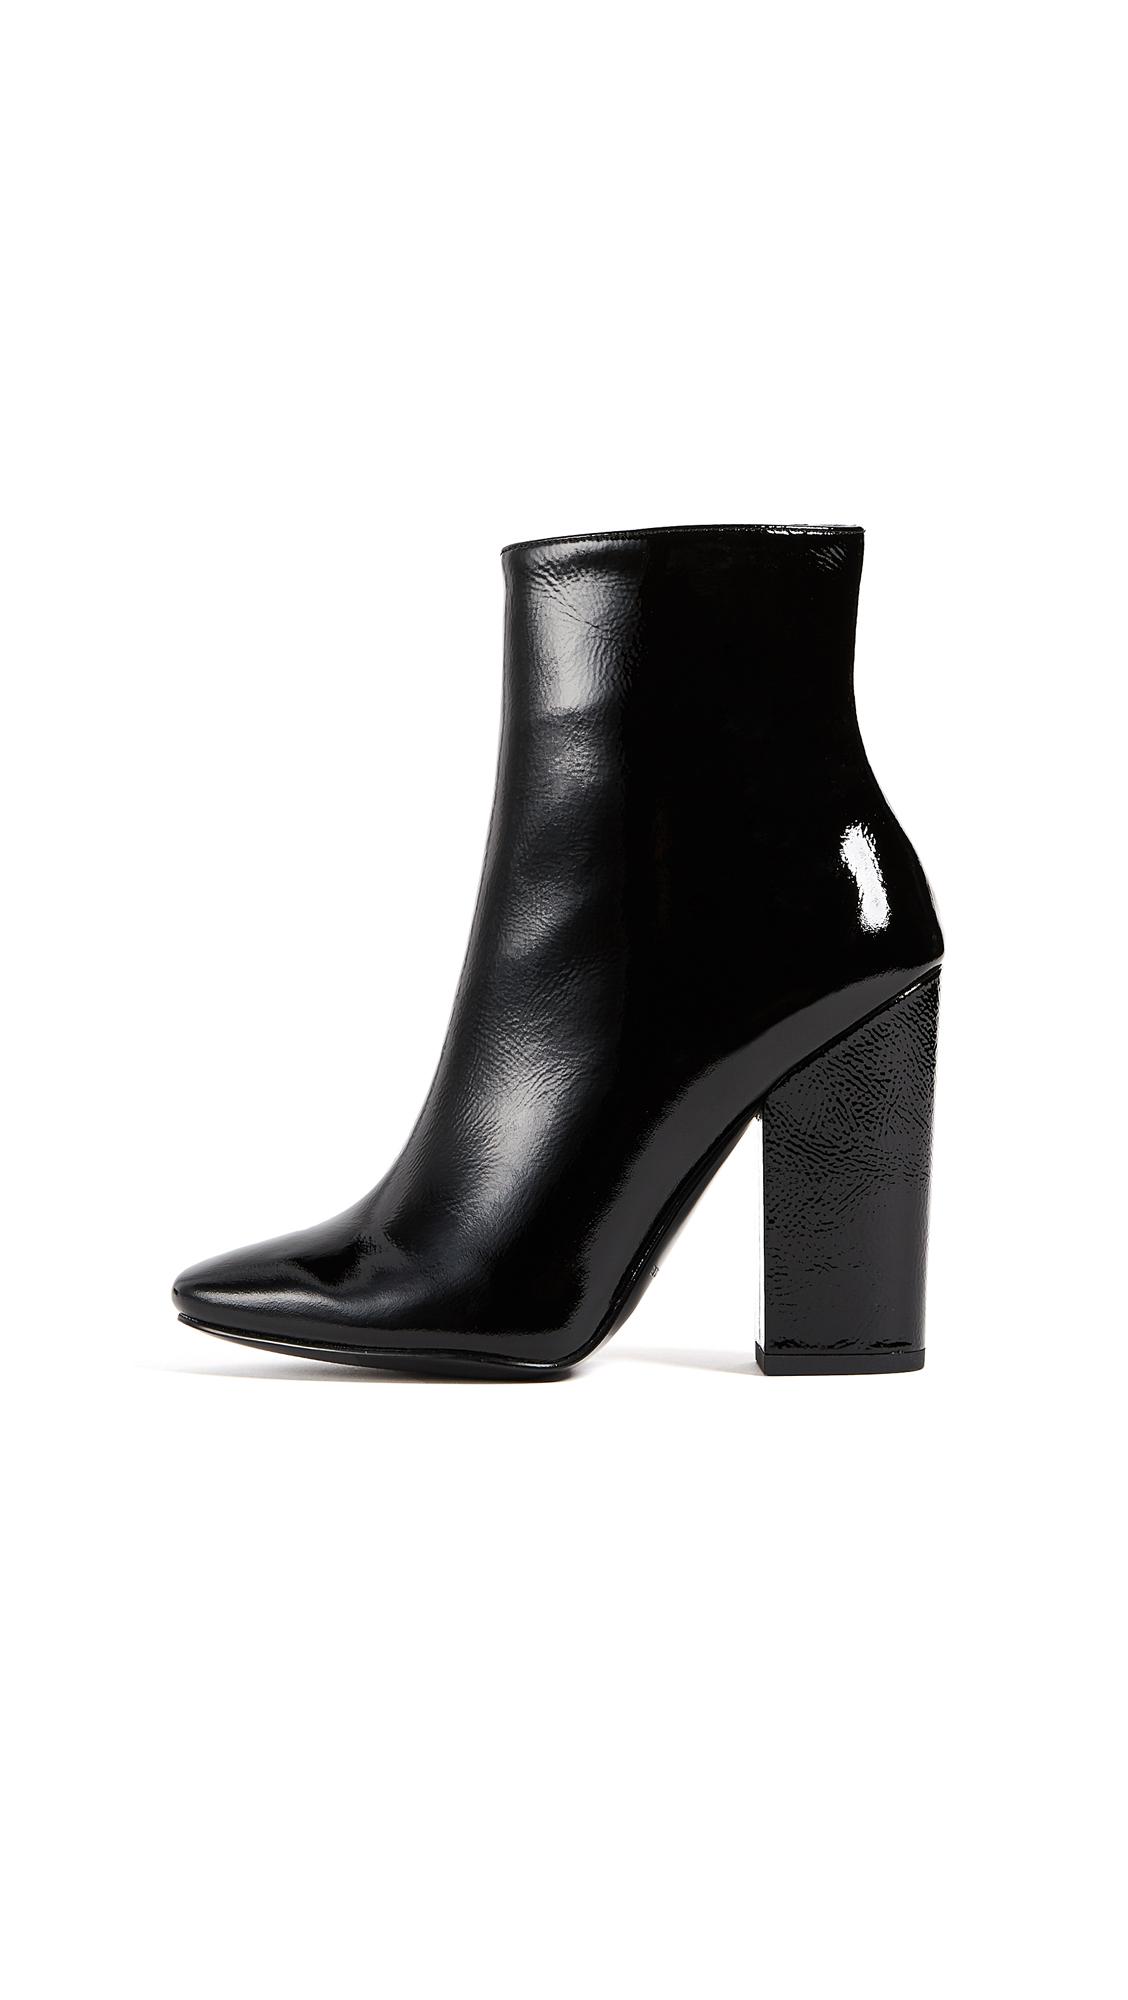 KENDALL + KYLIE Haedyn 2 Zip Booties - Black